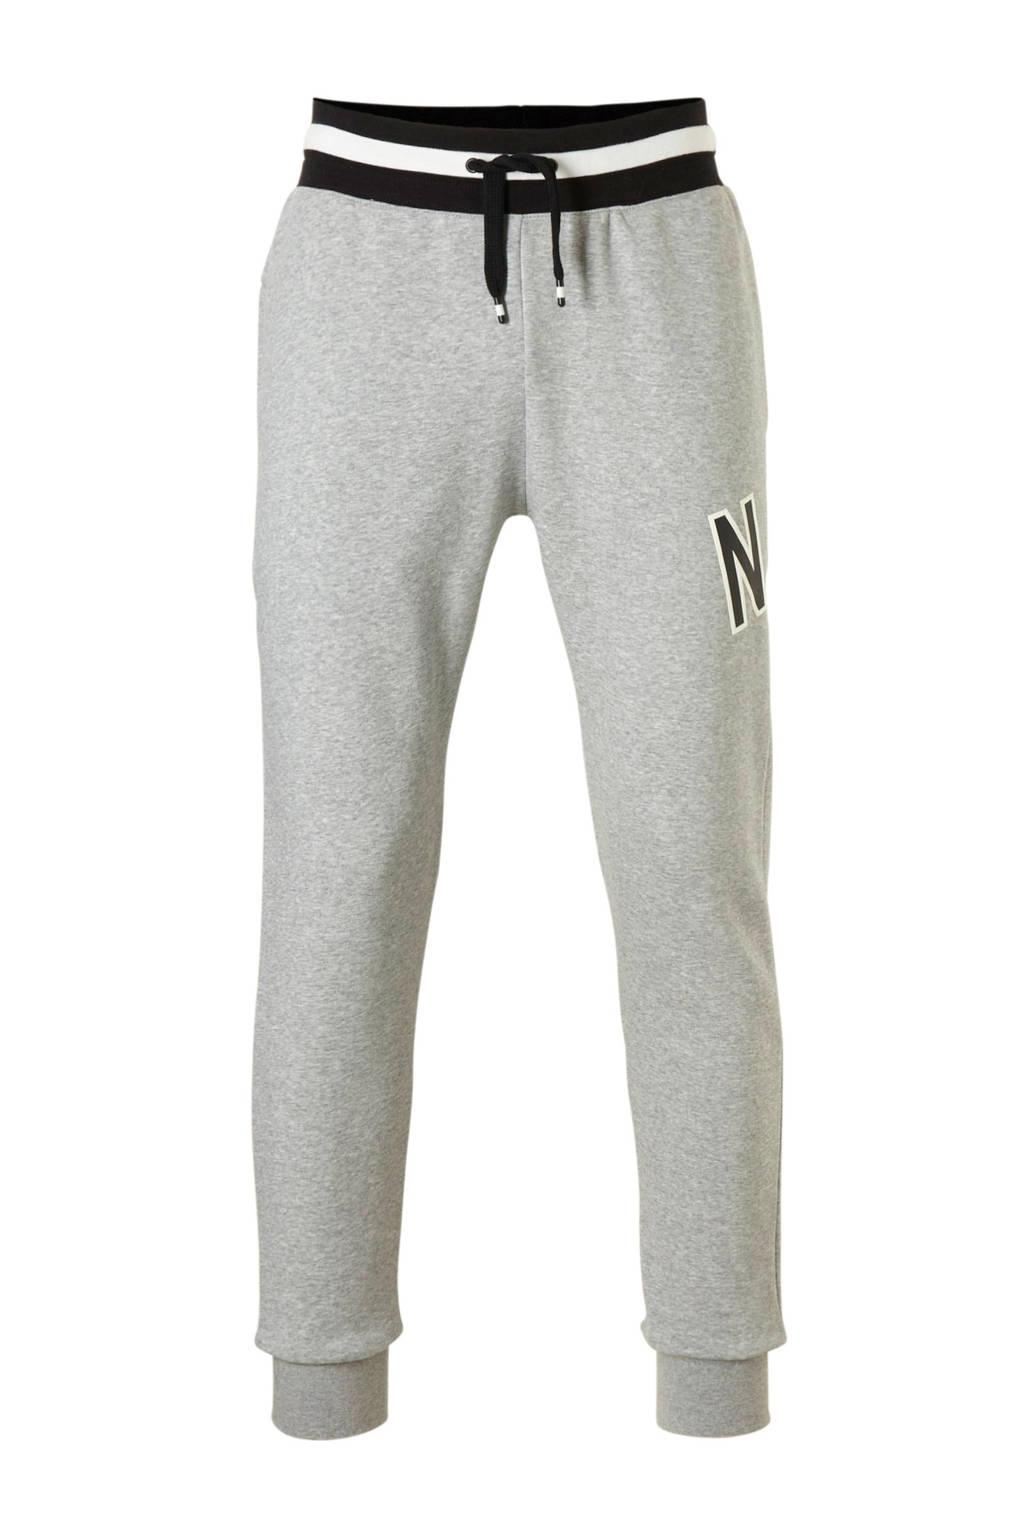 Nike joggingbroek grijs melange, Grijs melange/zwart